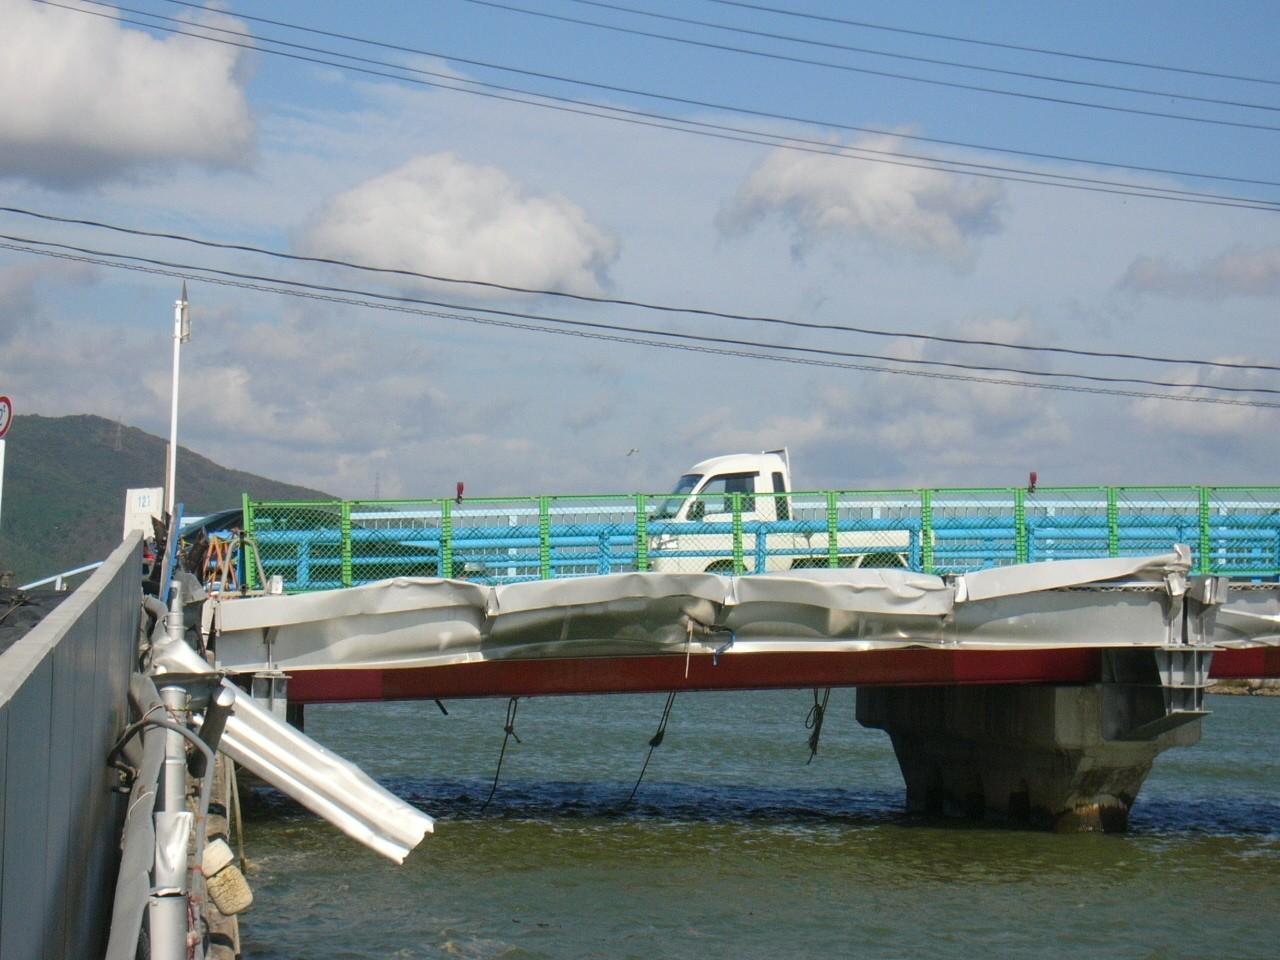 utsumi-bridge